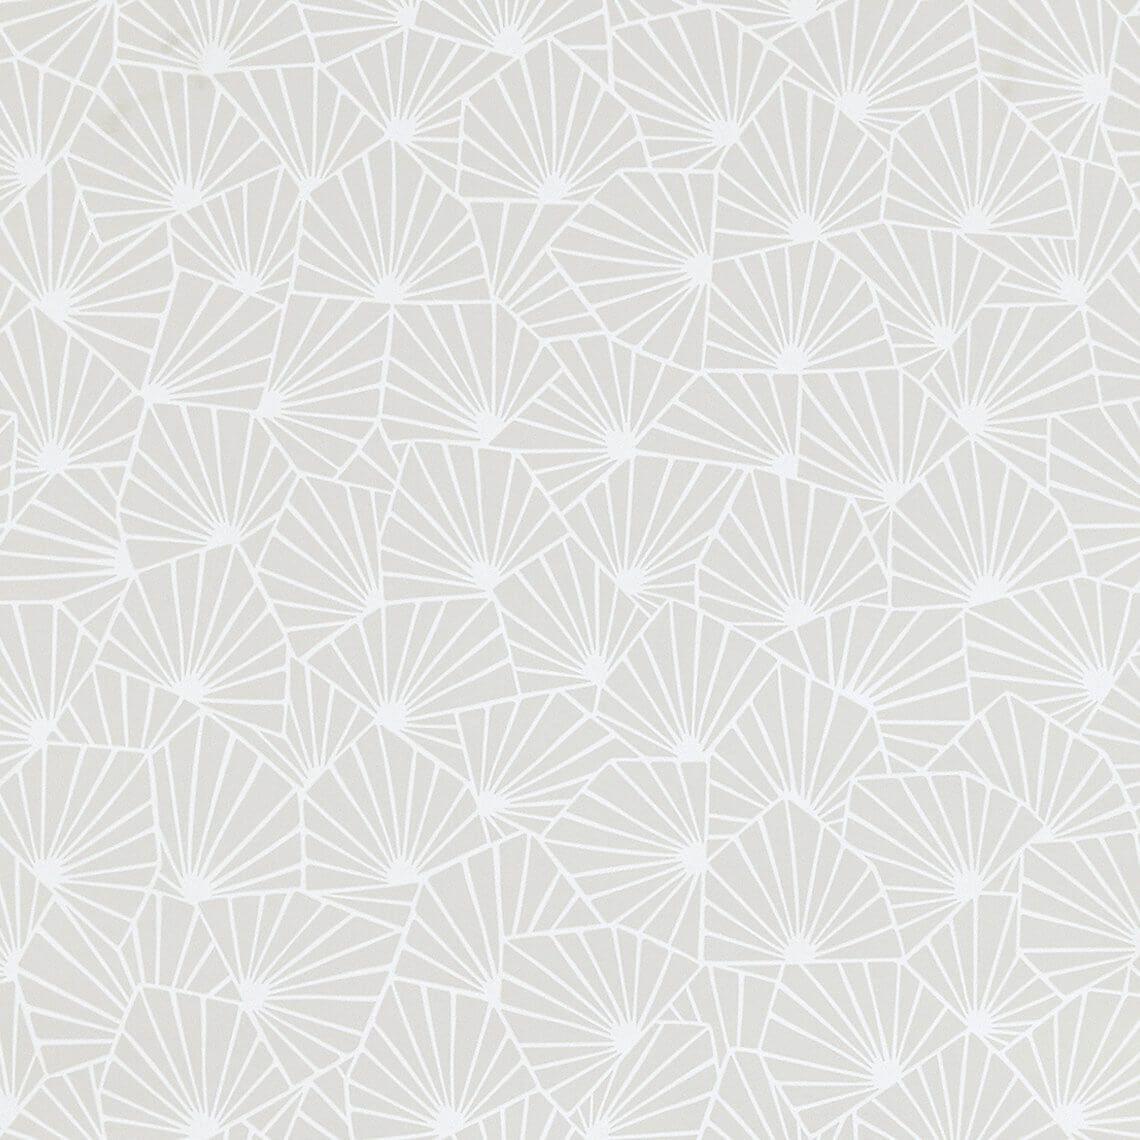 papier peint sibylle 100 intiss motif graphique mat gris perle papier peint papier peint. Black Bedroom Furniture Sets. Home Design Ideas